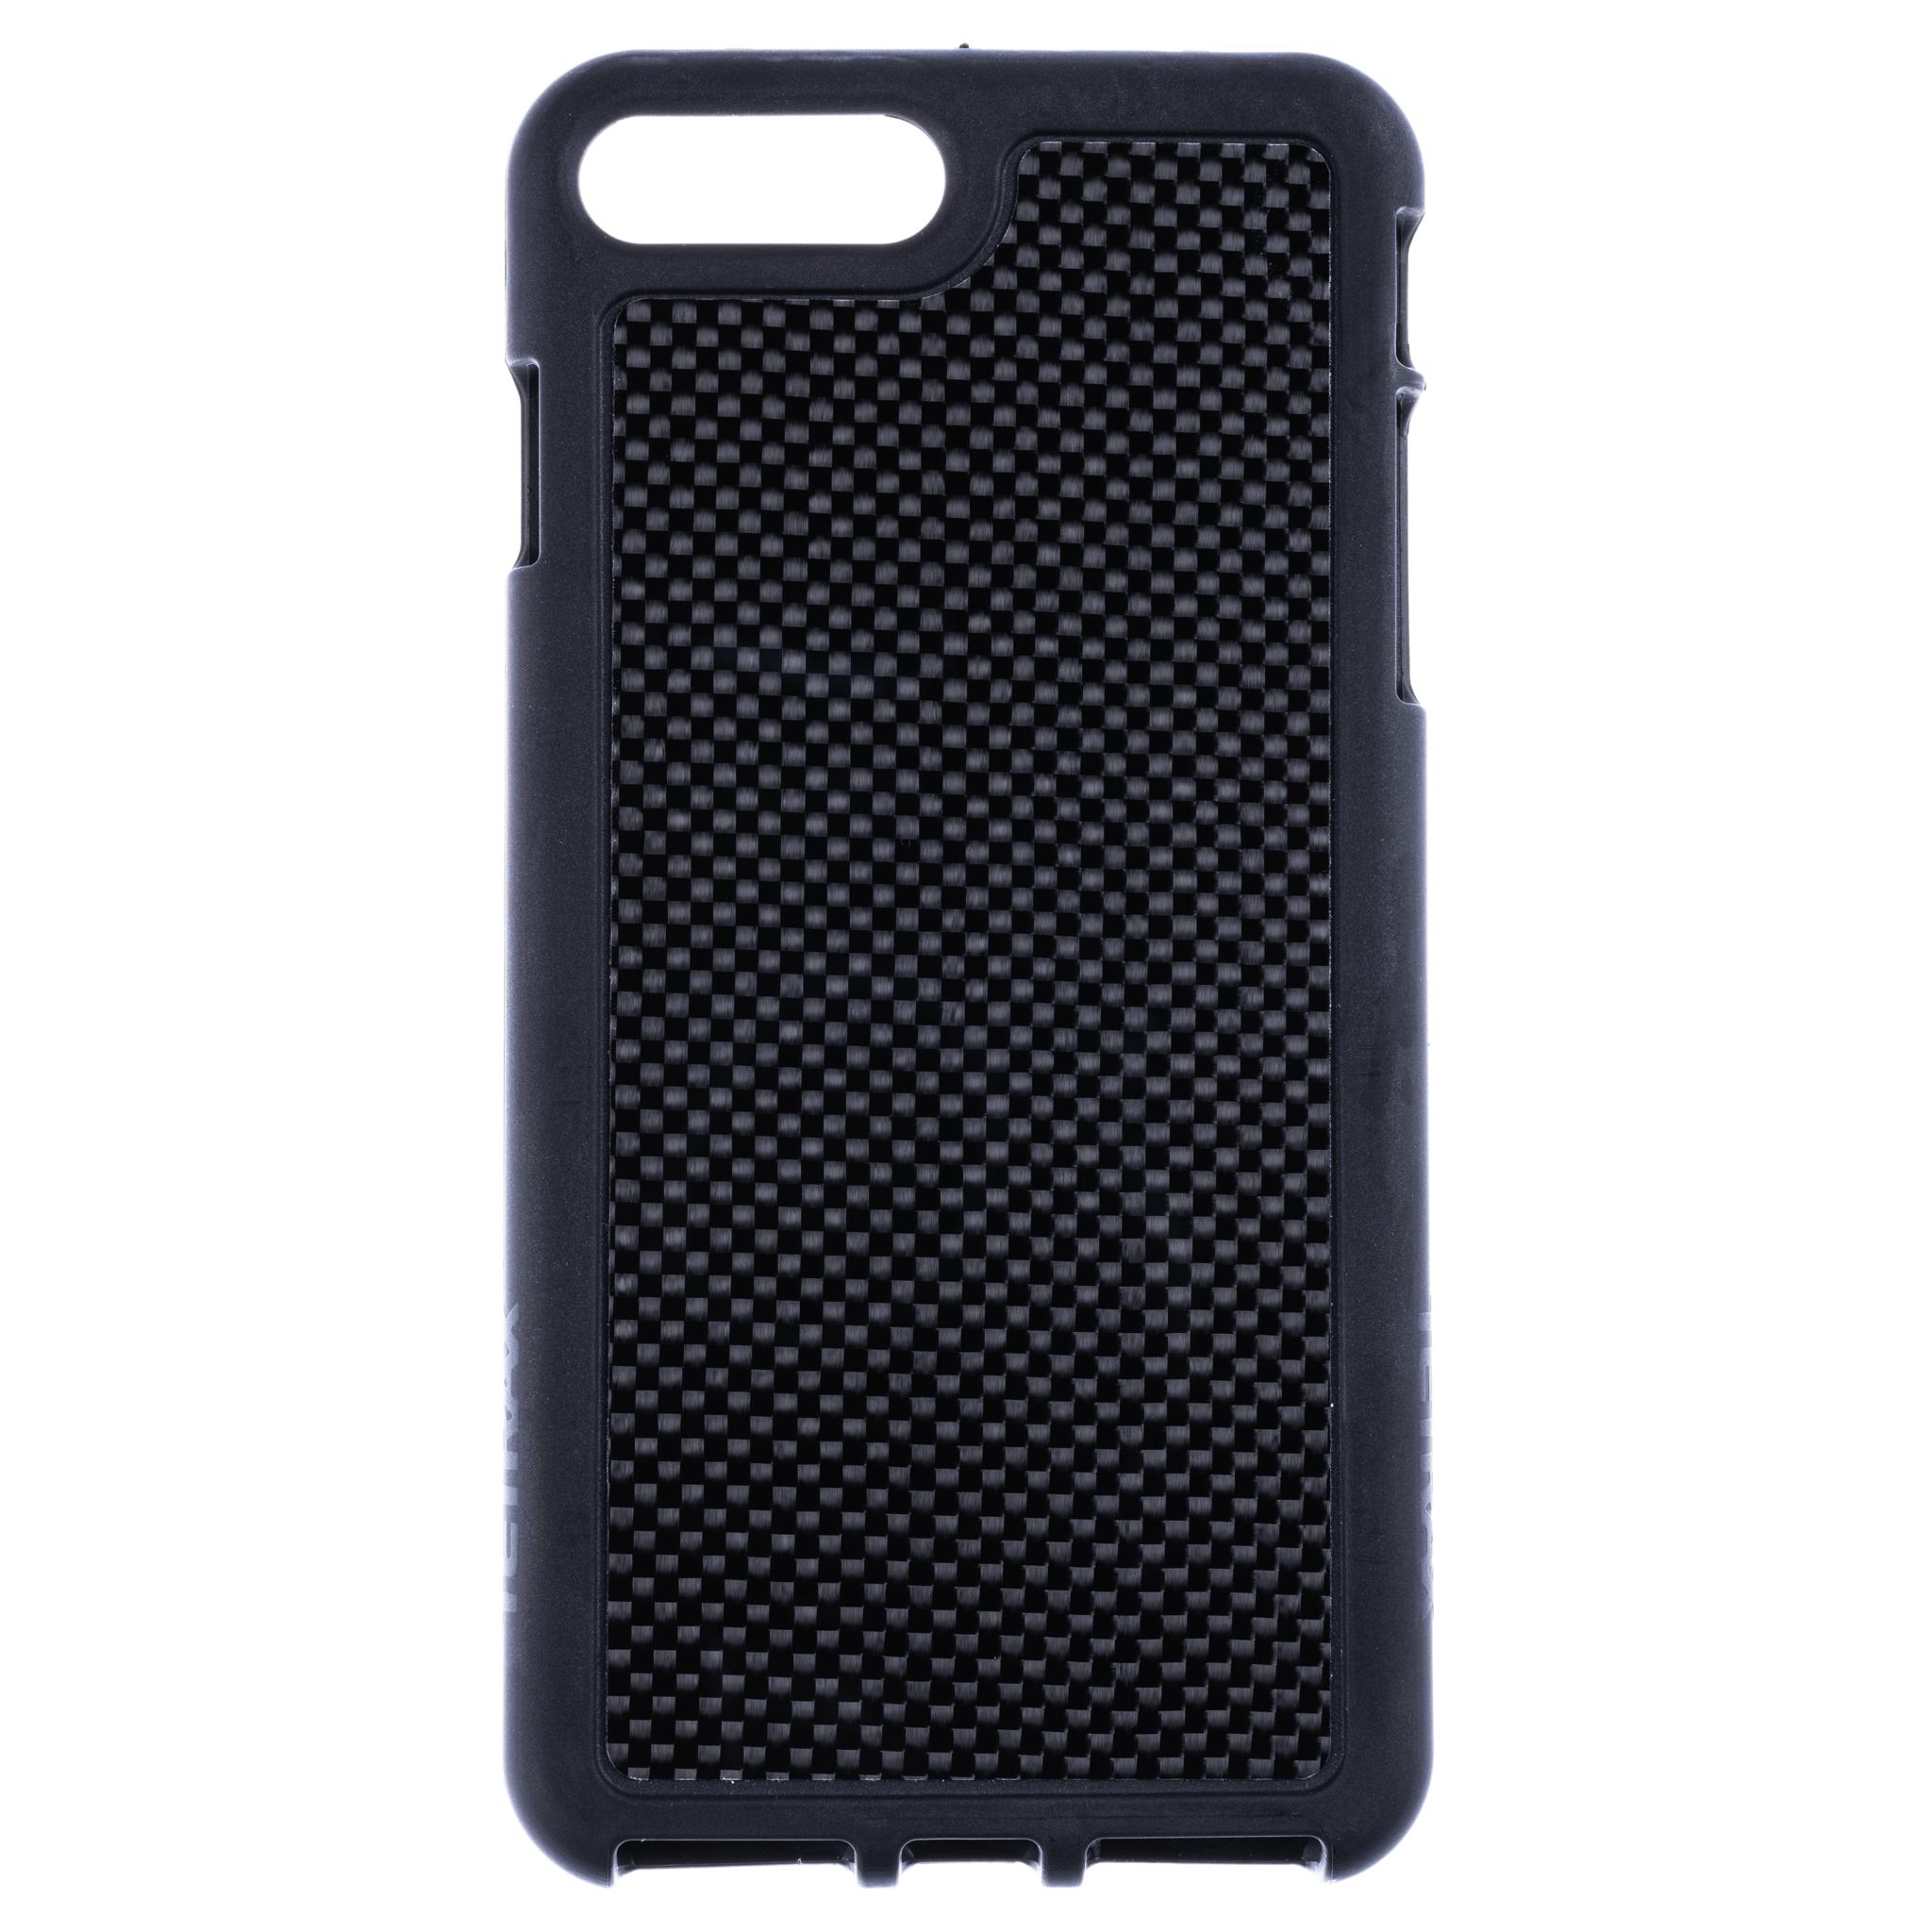 iPhone 8 Plus Carbon Fibre Case